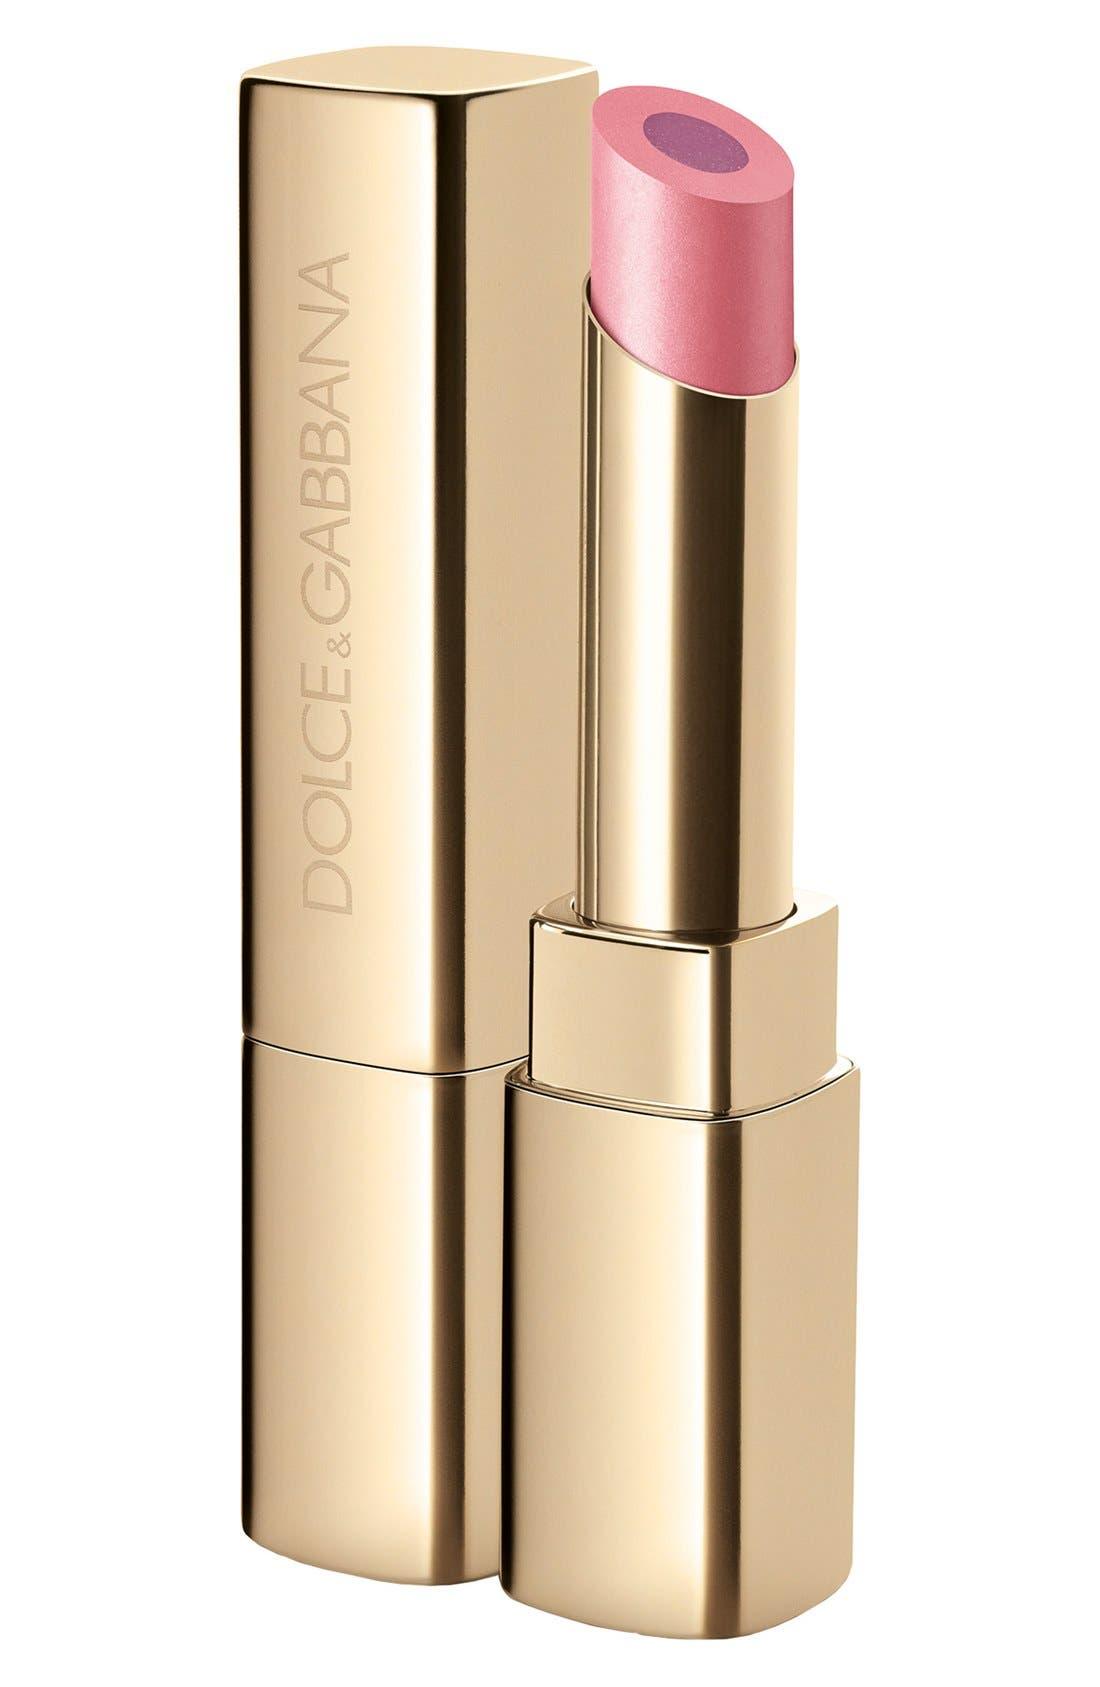 Dolce&Gabbana Beauty Gloss Fusion Lipstick